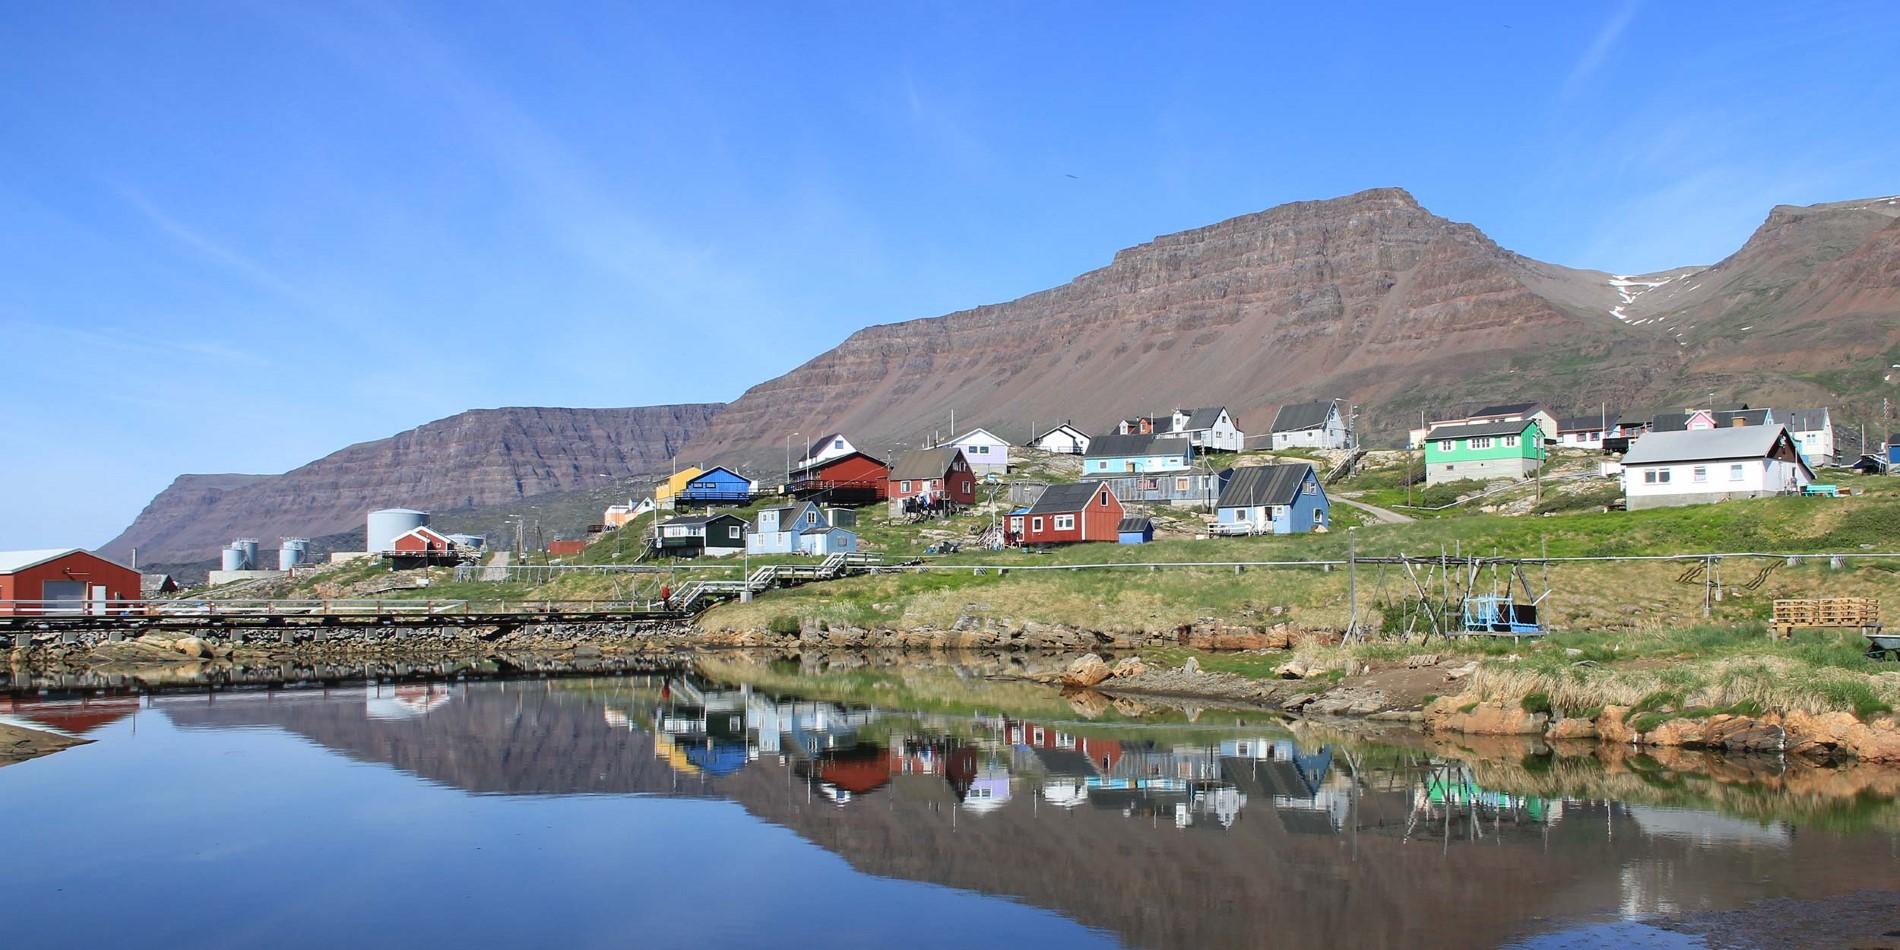 2500x1250_20120623_Greenland_Qeqertarsuaq_Lampert---Guest-image-.jpg